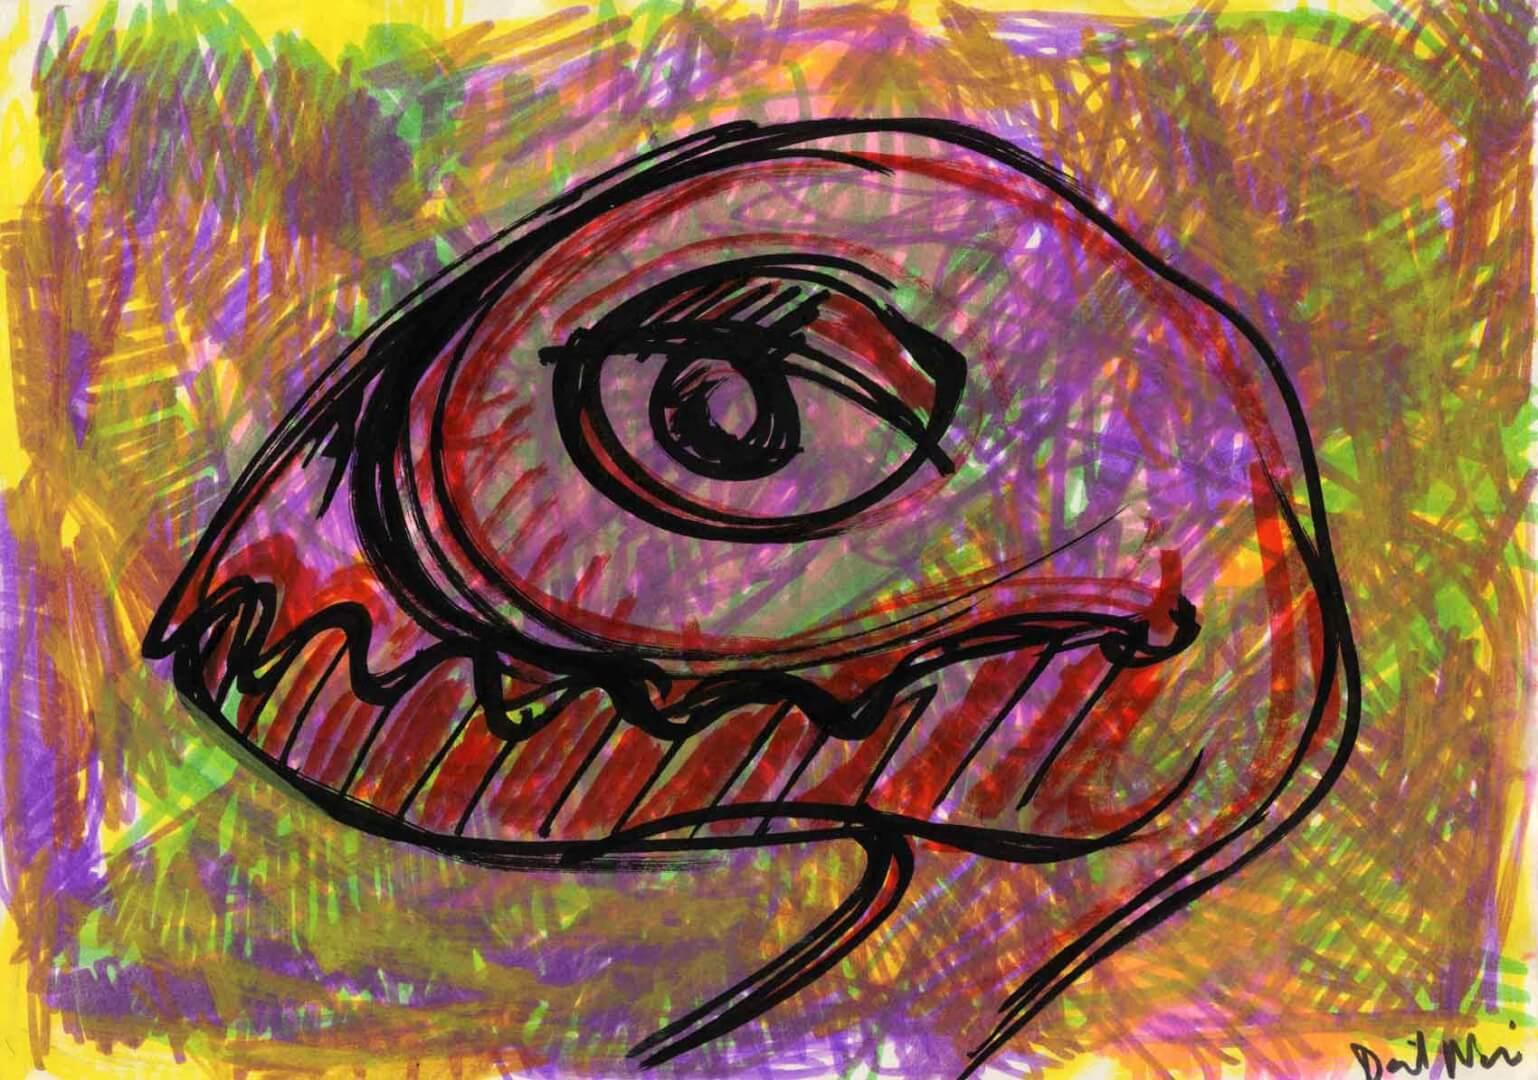 Oiseau à dents © David Noir | Dessins, peintures, collages